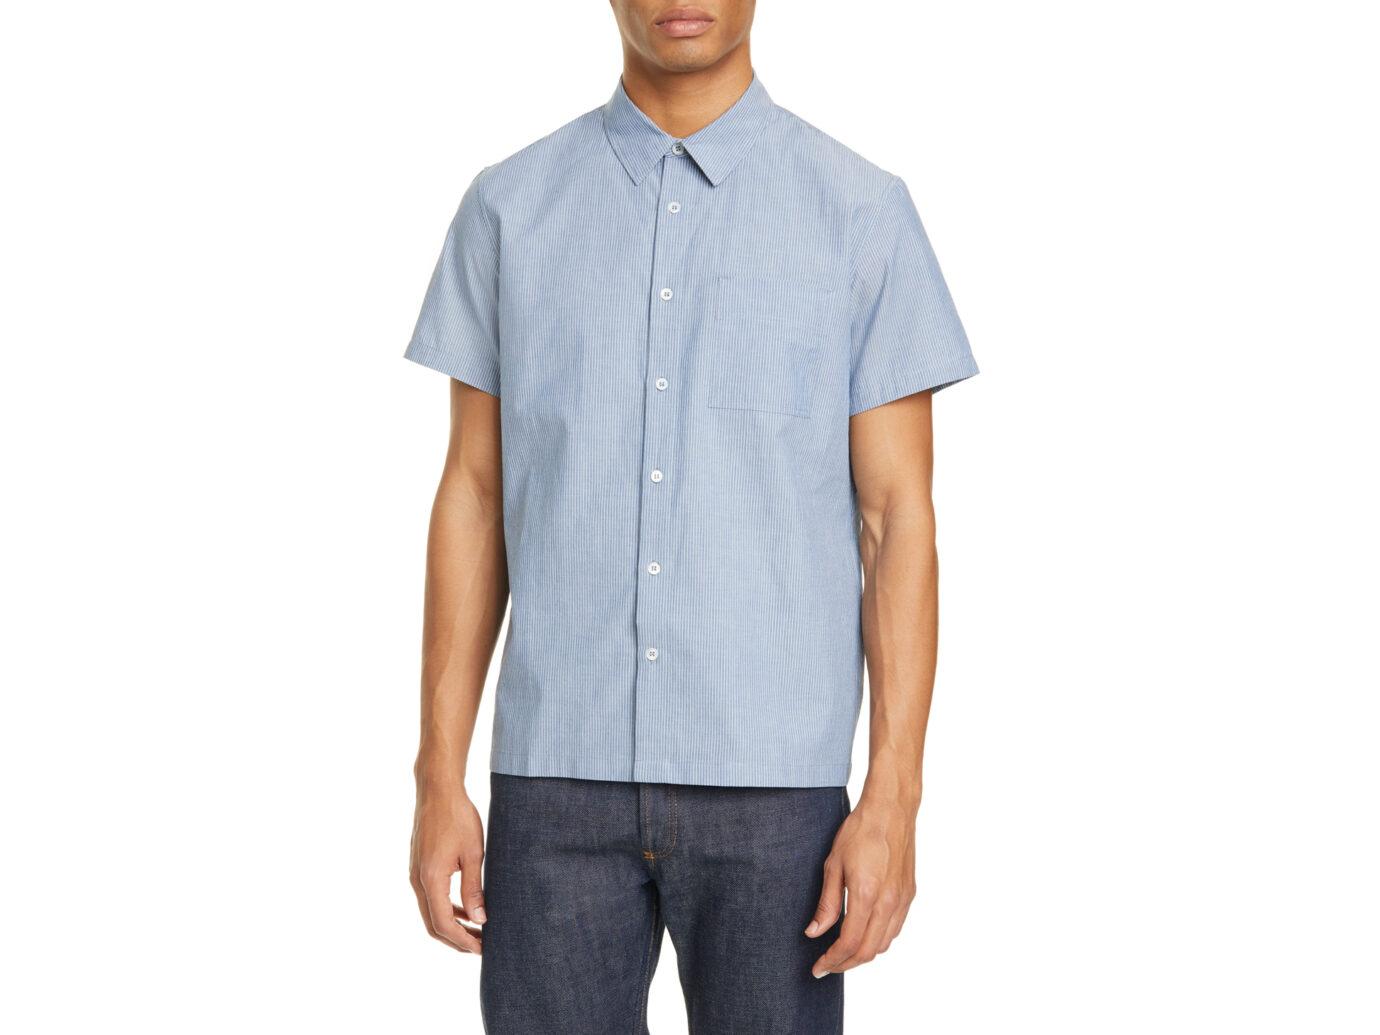 A.P.C. Bruce Pinstripe Short Sleeve Button-Up Shirt